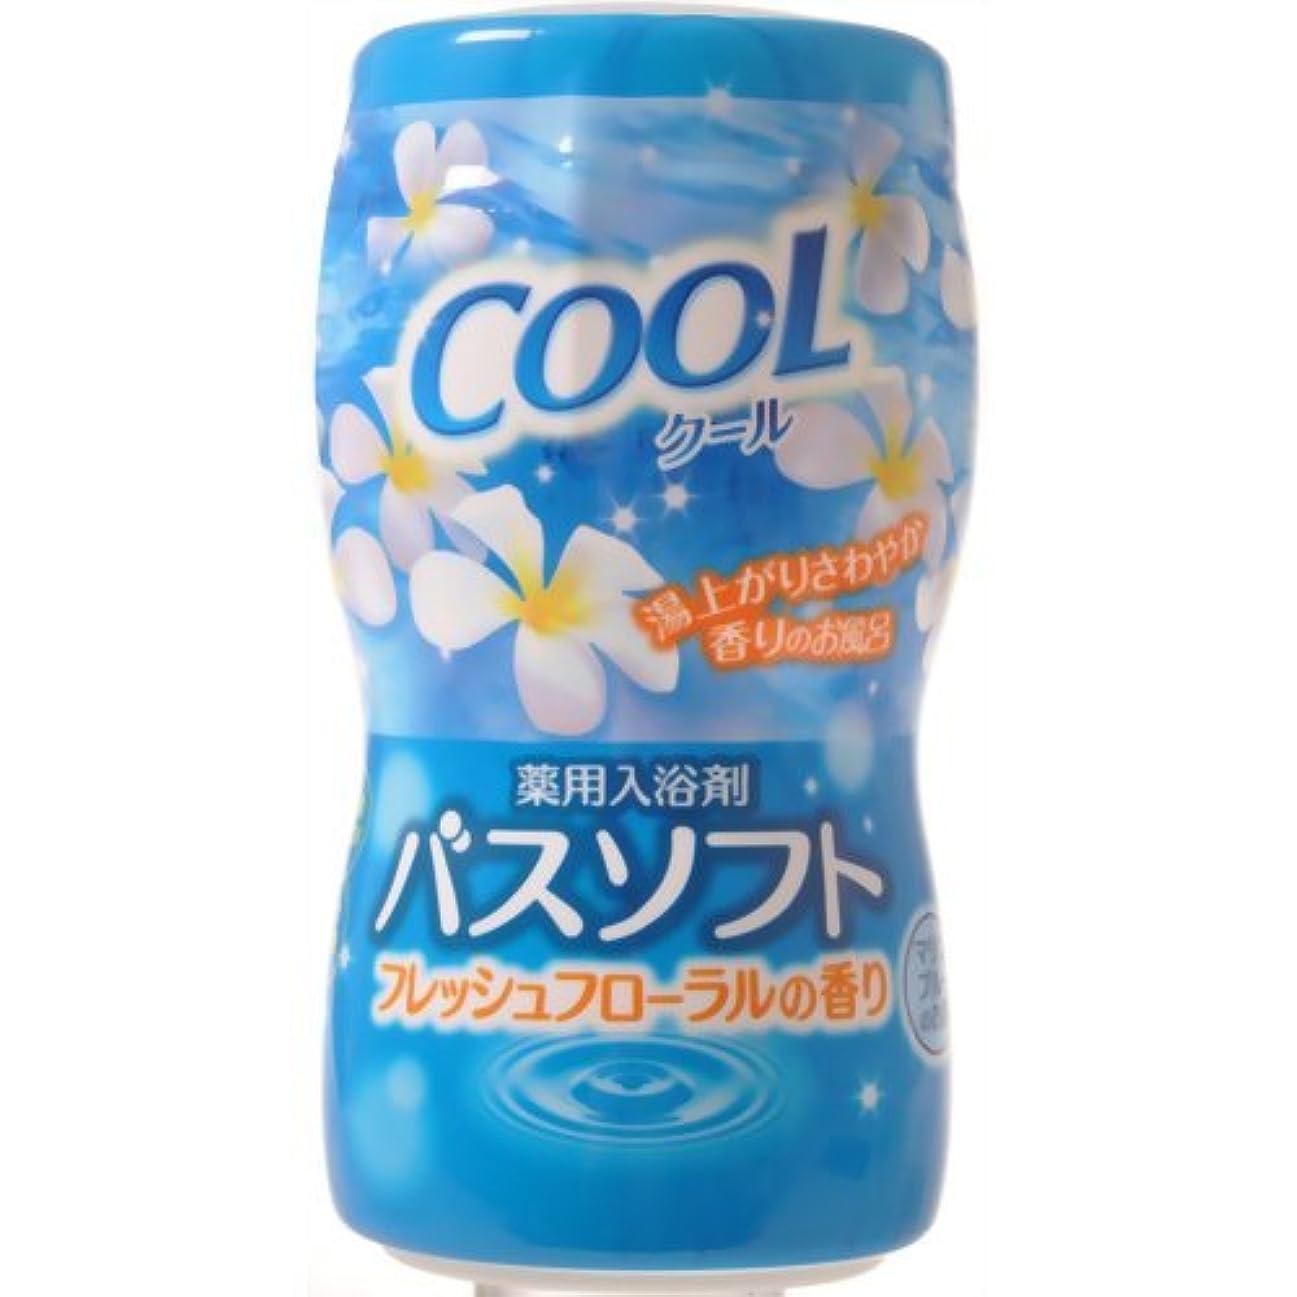 エッセイ悪行候補者【オカモト】薬用入浴剤バスソフト クール 700g